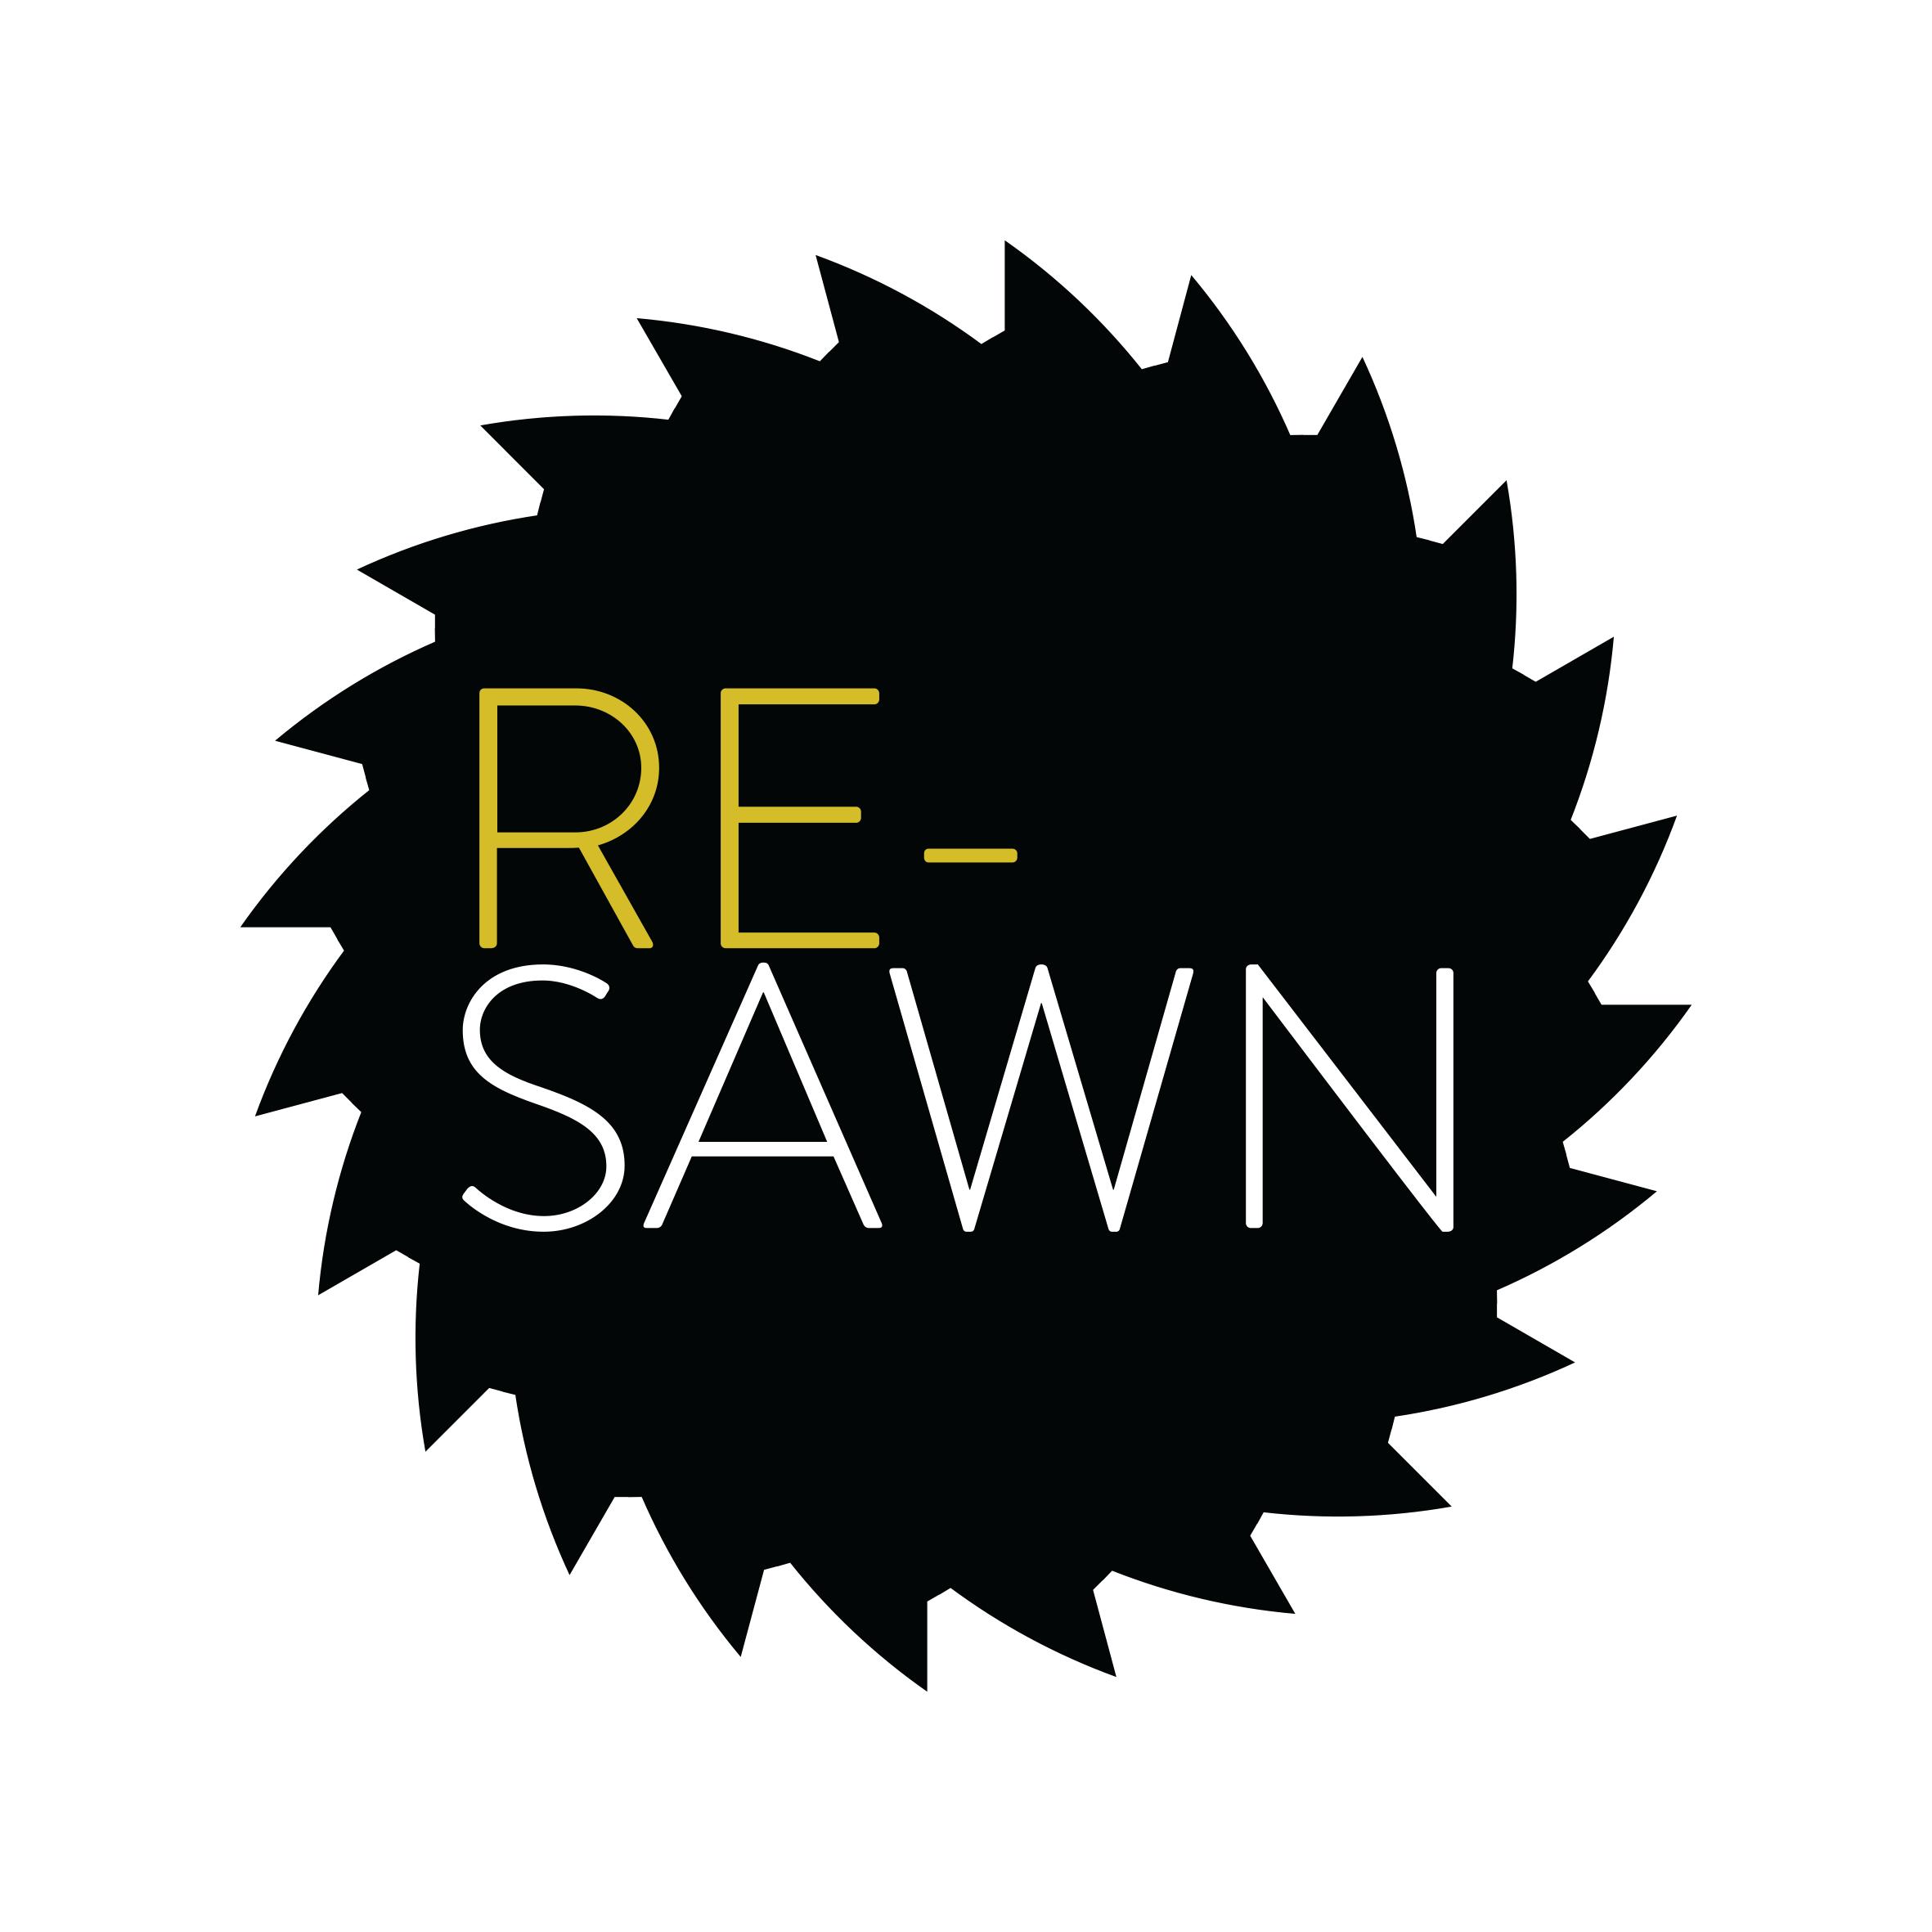 Resawn Logo